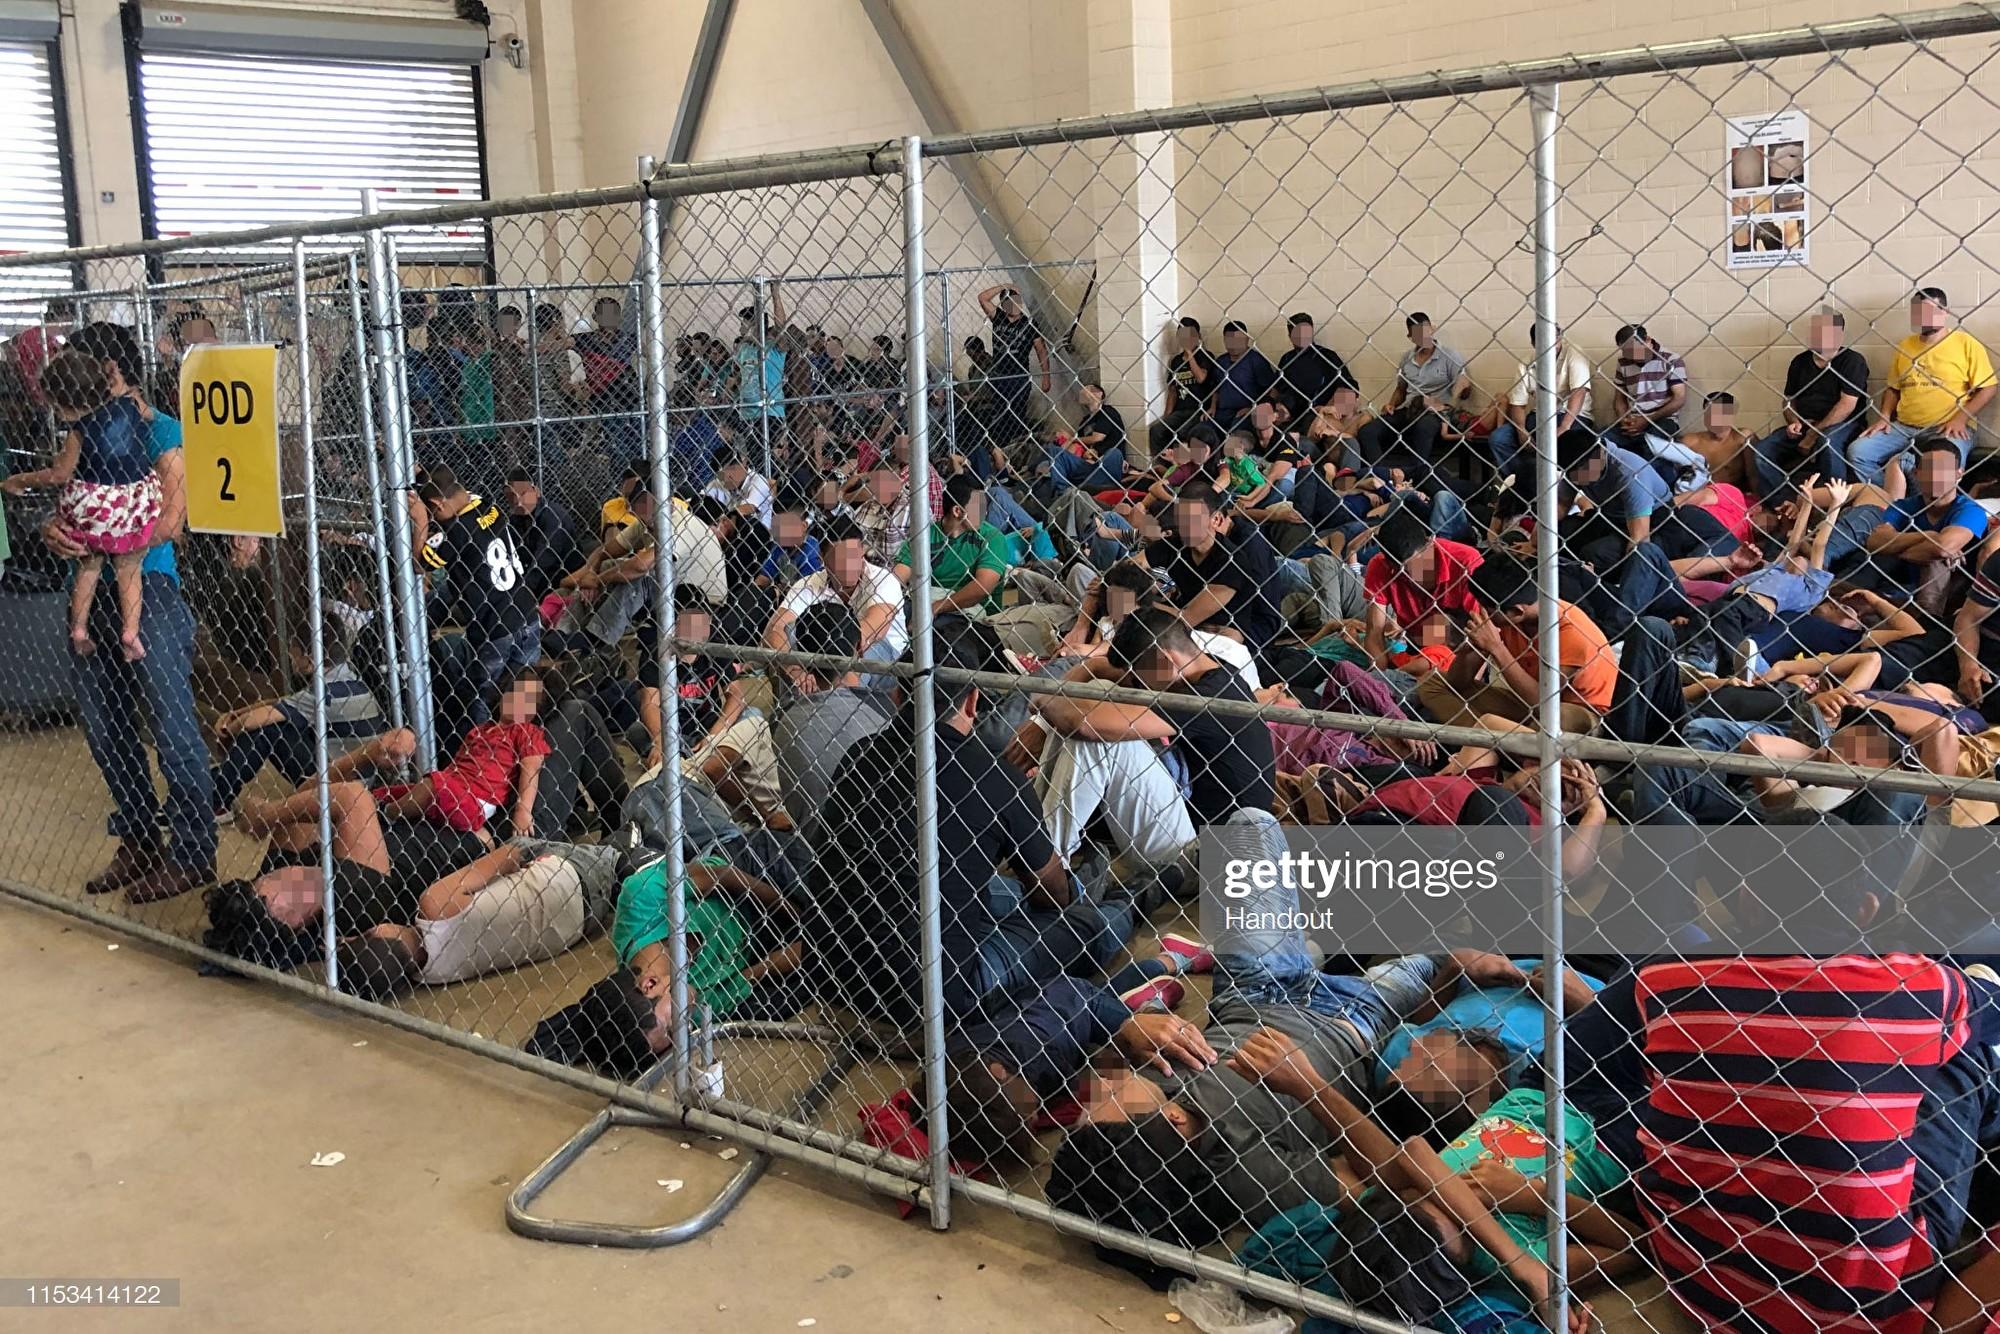 傳特朗普將簽協議 把庇護申請者送至危地馬拉